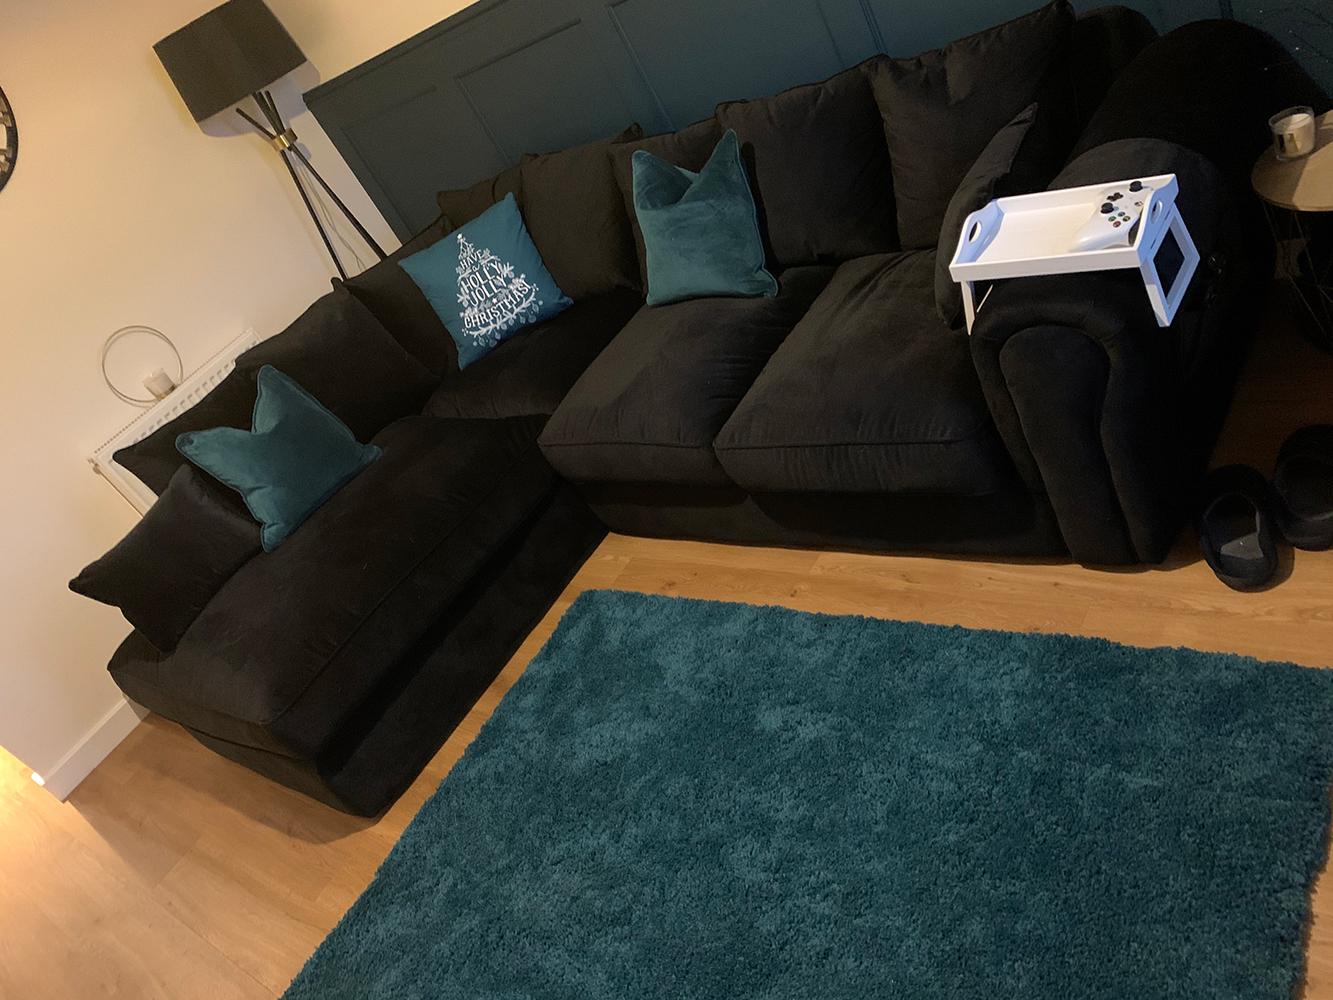 Schwarzes Ecksofa links Baron, ein Sofa im englischen Stil mit losen Rückenlehnenpolstern